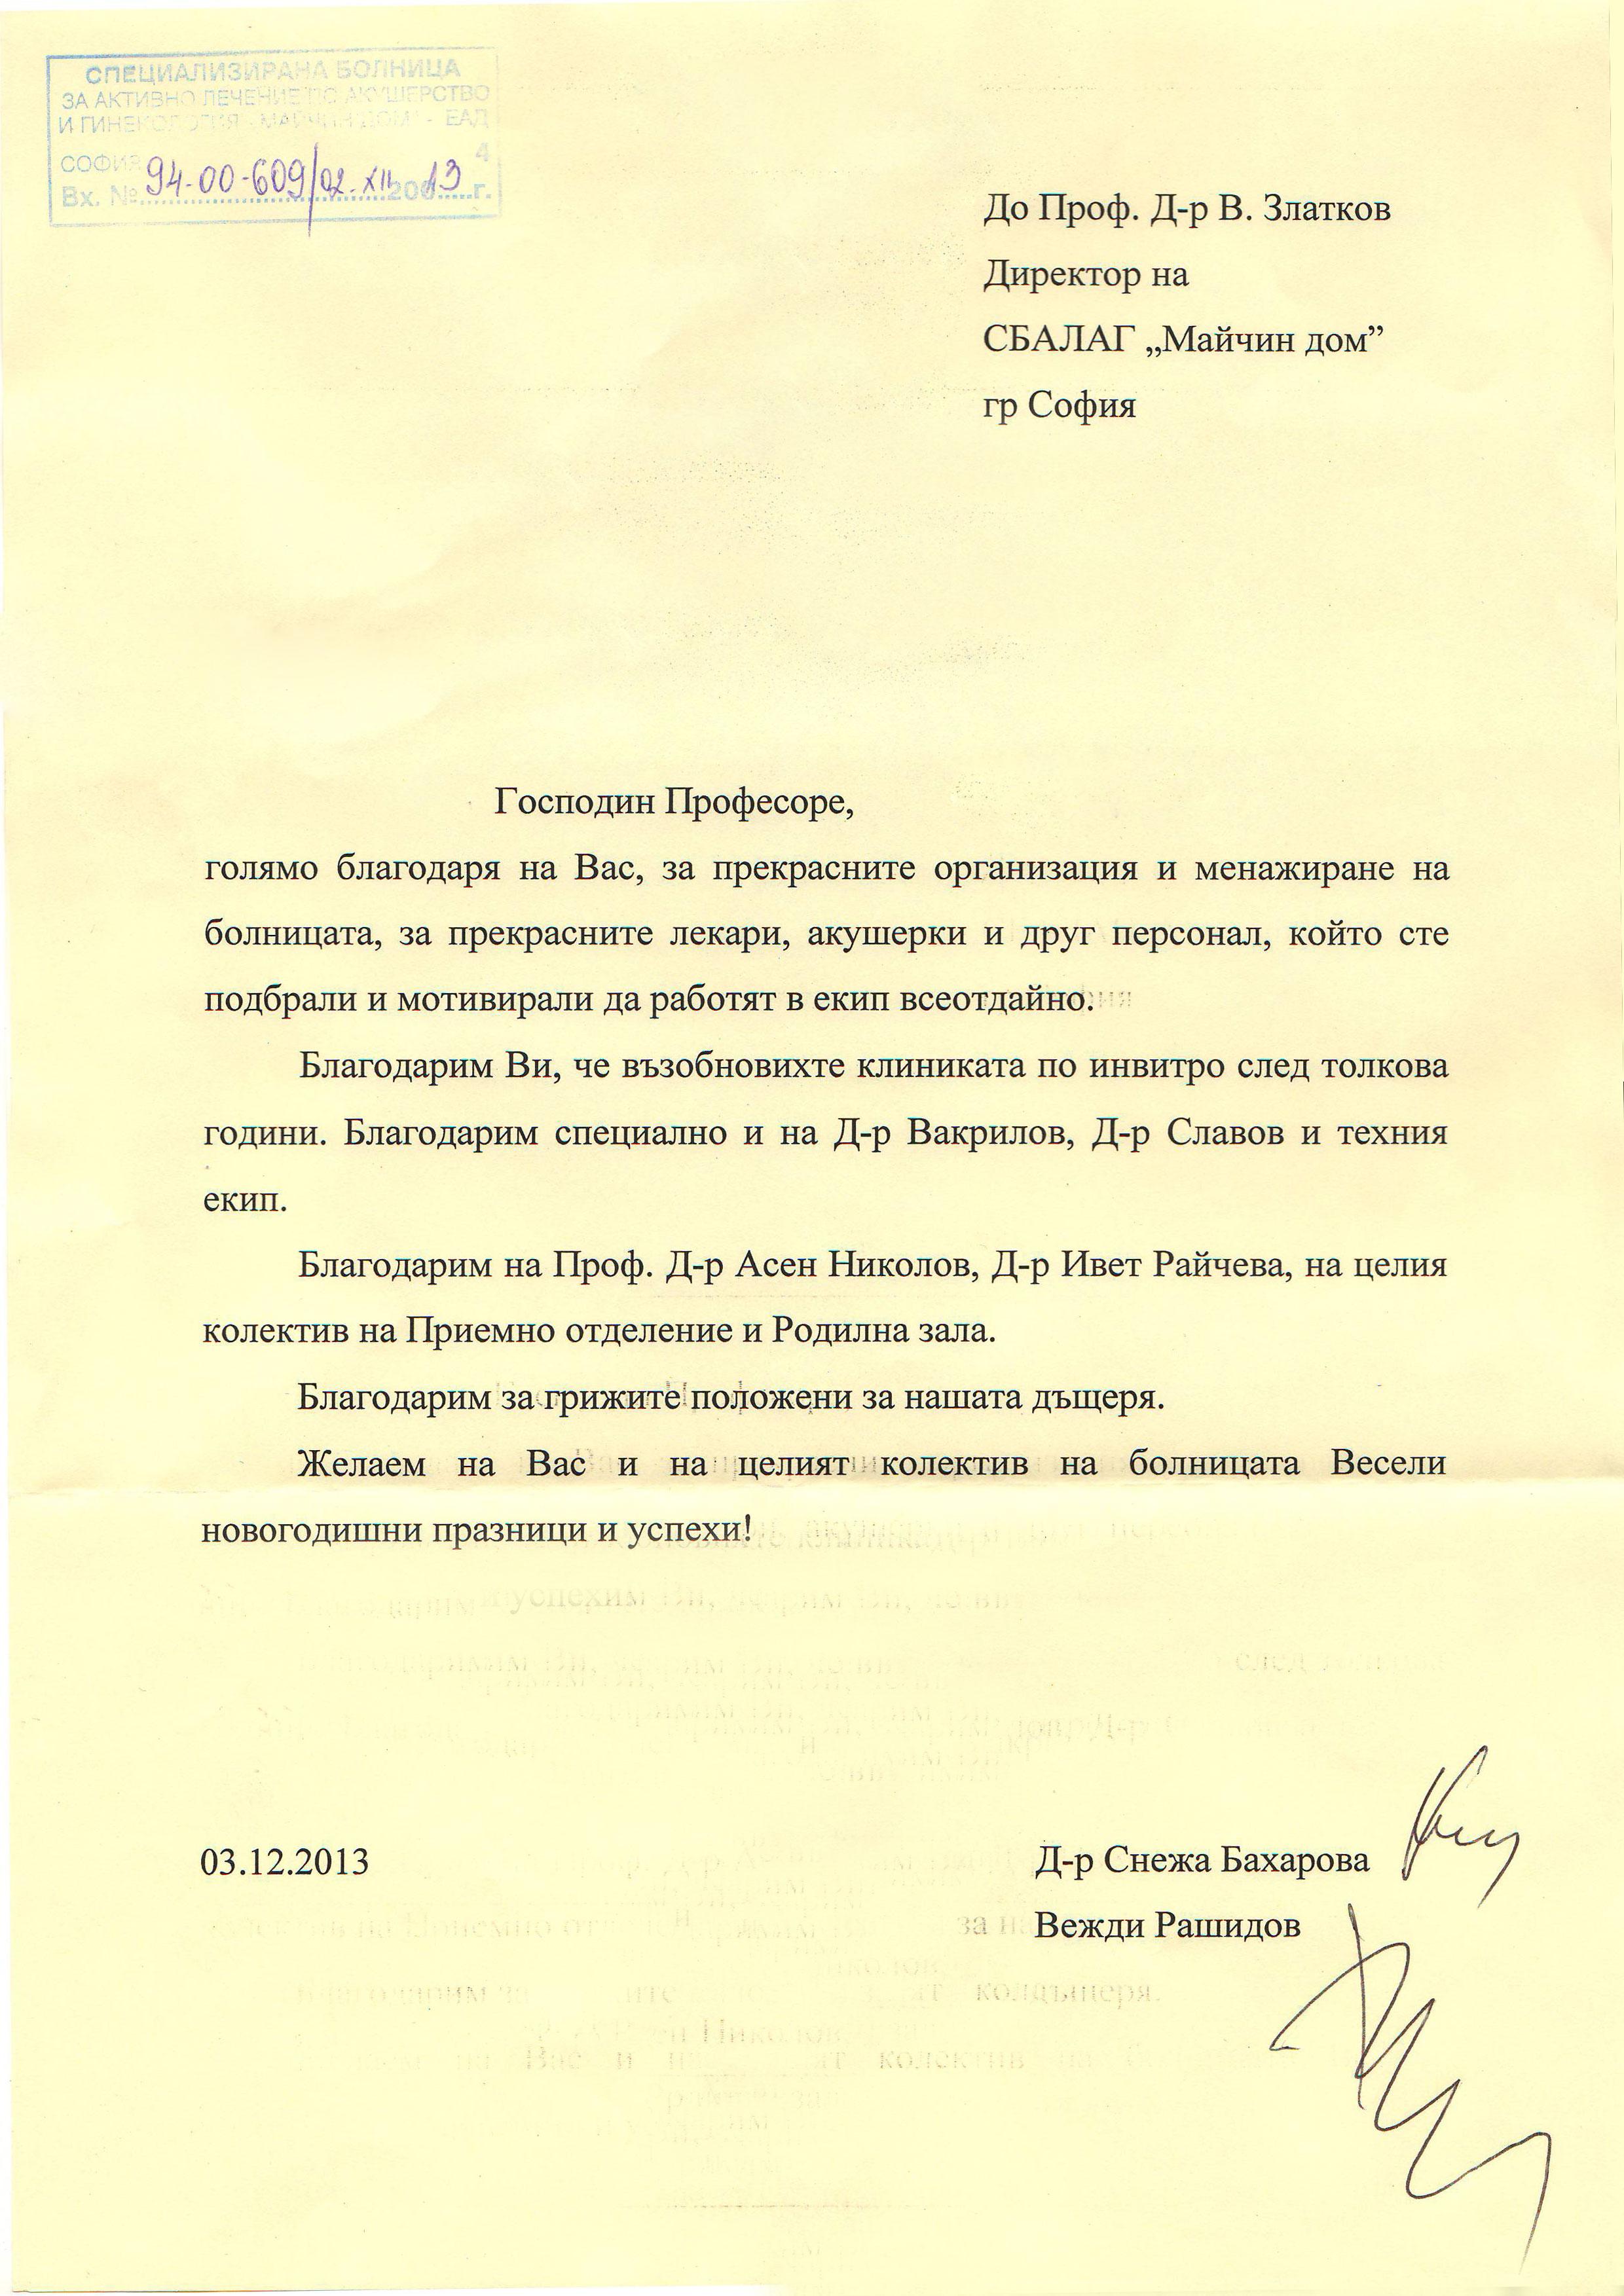 С благодарност от д-р Бахарова и Вежди Рашидов